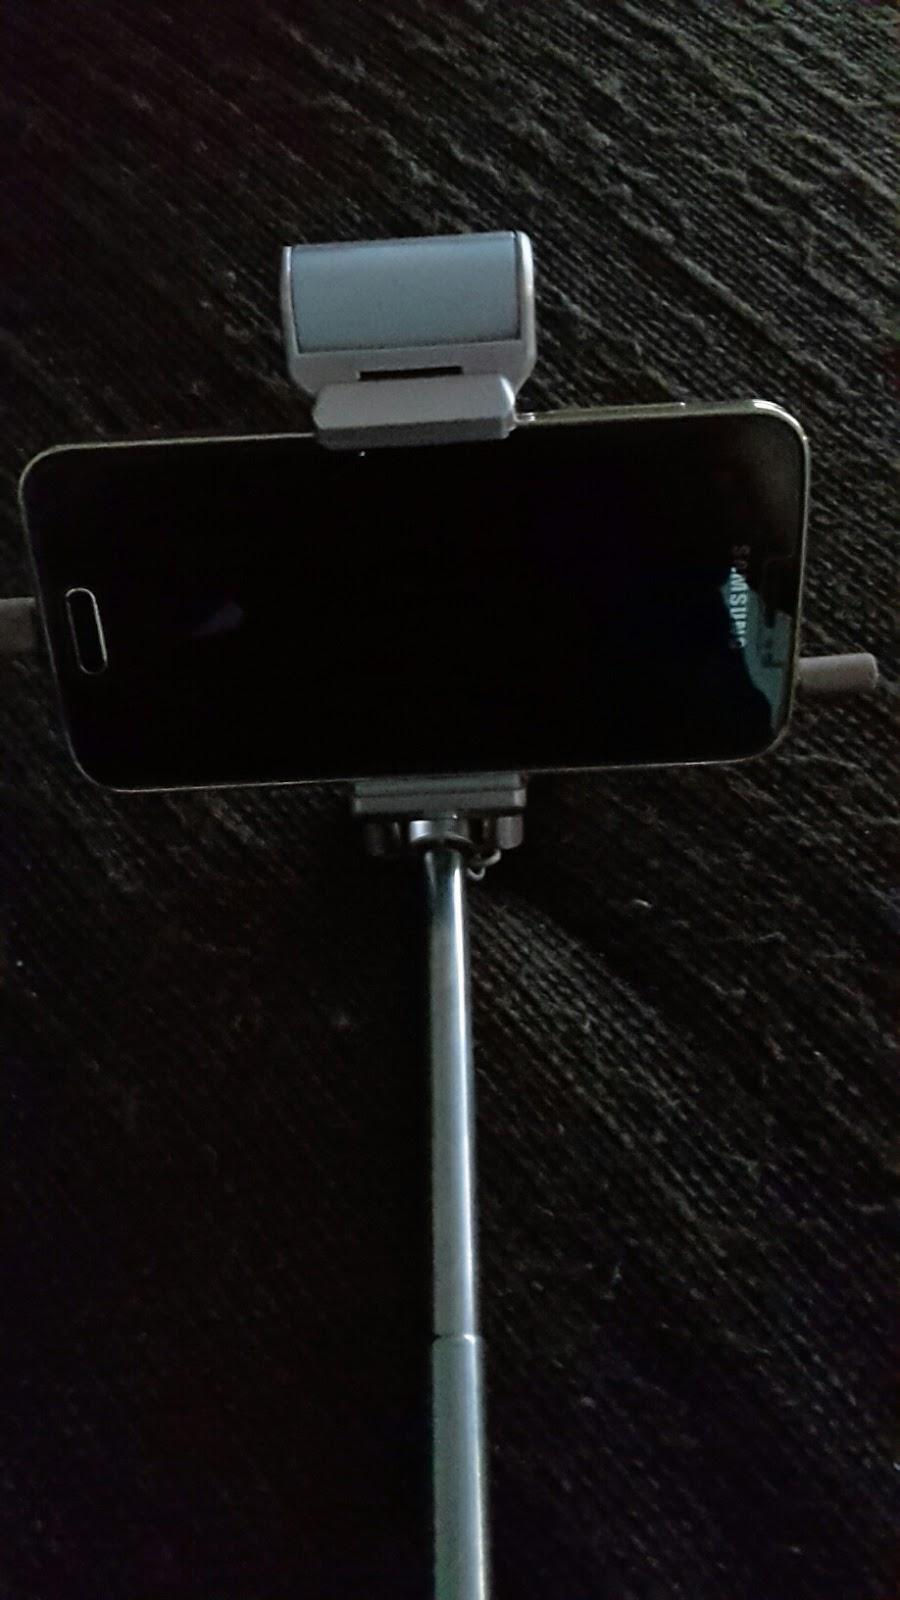 lahr2006 testet floveme selfie stick mit led licht und rear mirror kabelgebunden selfie stange. Black Bedroom Furniture Sets. Home Design Ideas